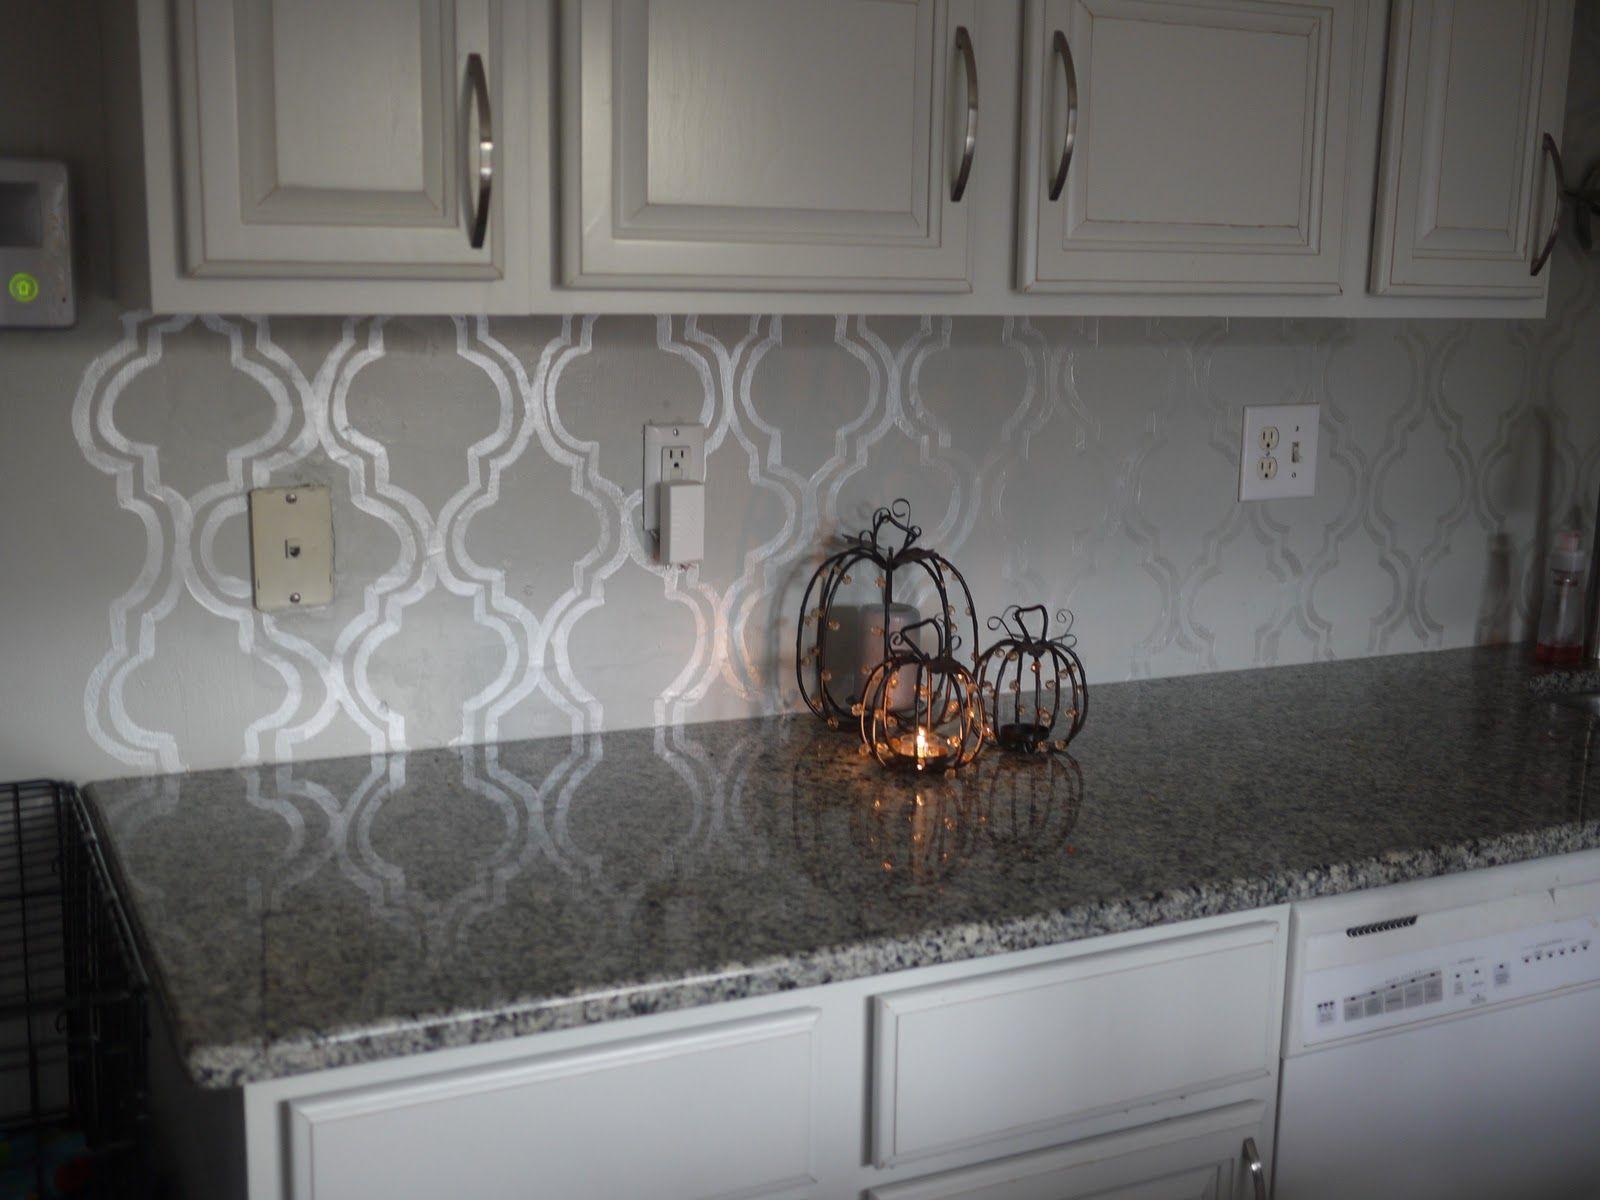 Stencil Tile Backsplash Part - 36: Stenciled Tile Backsplash Kitchen | Stenciled Backsplash